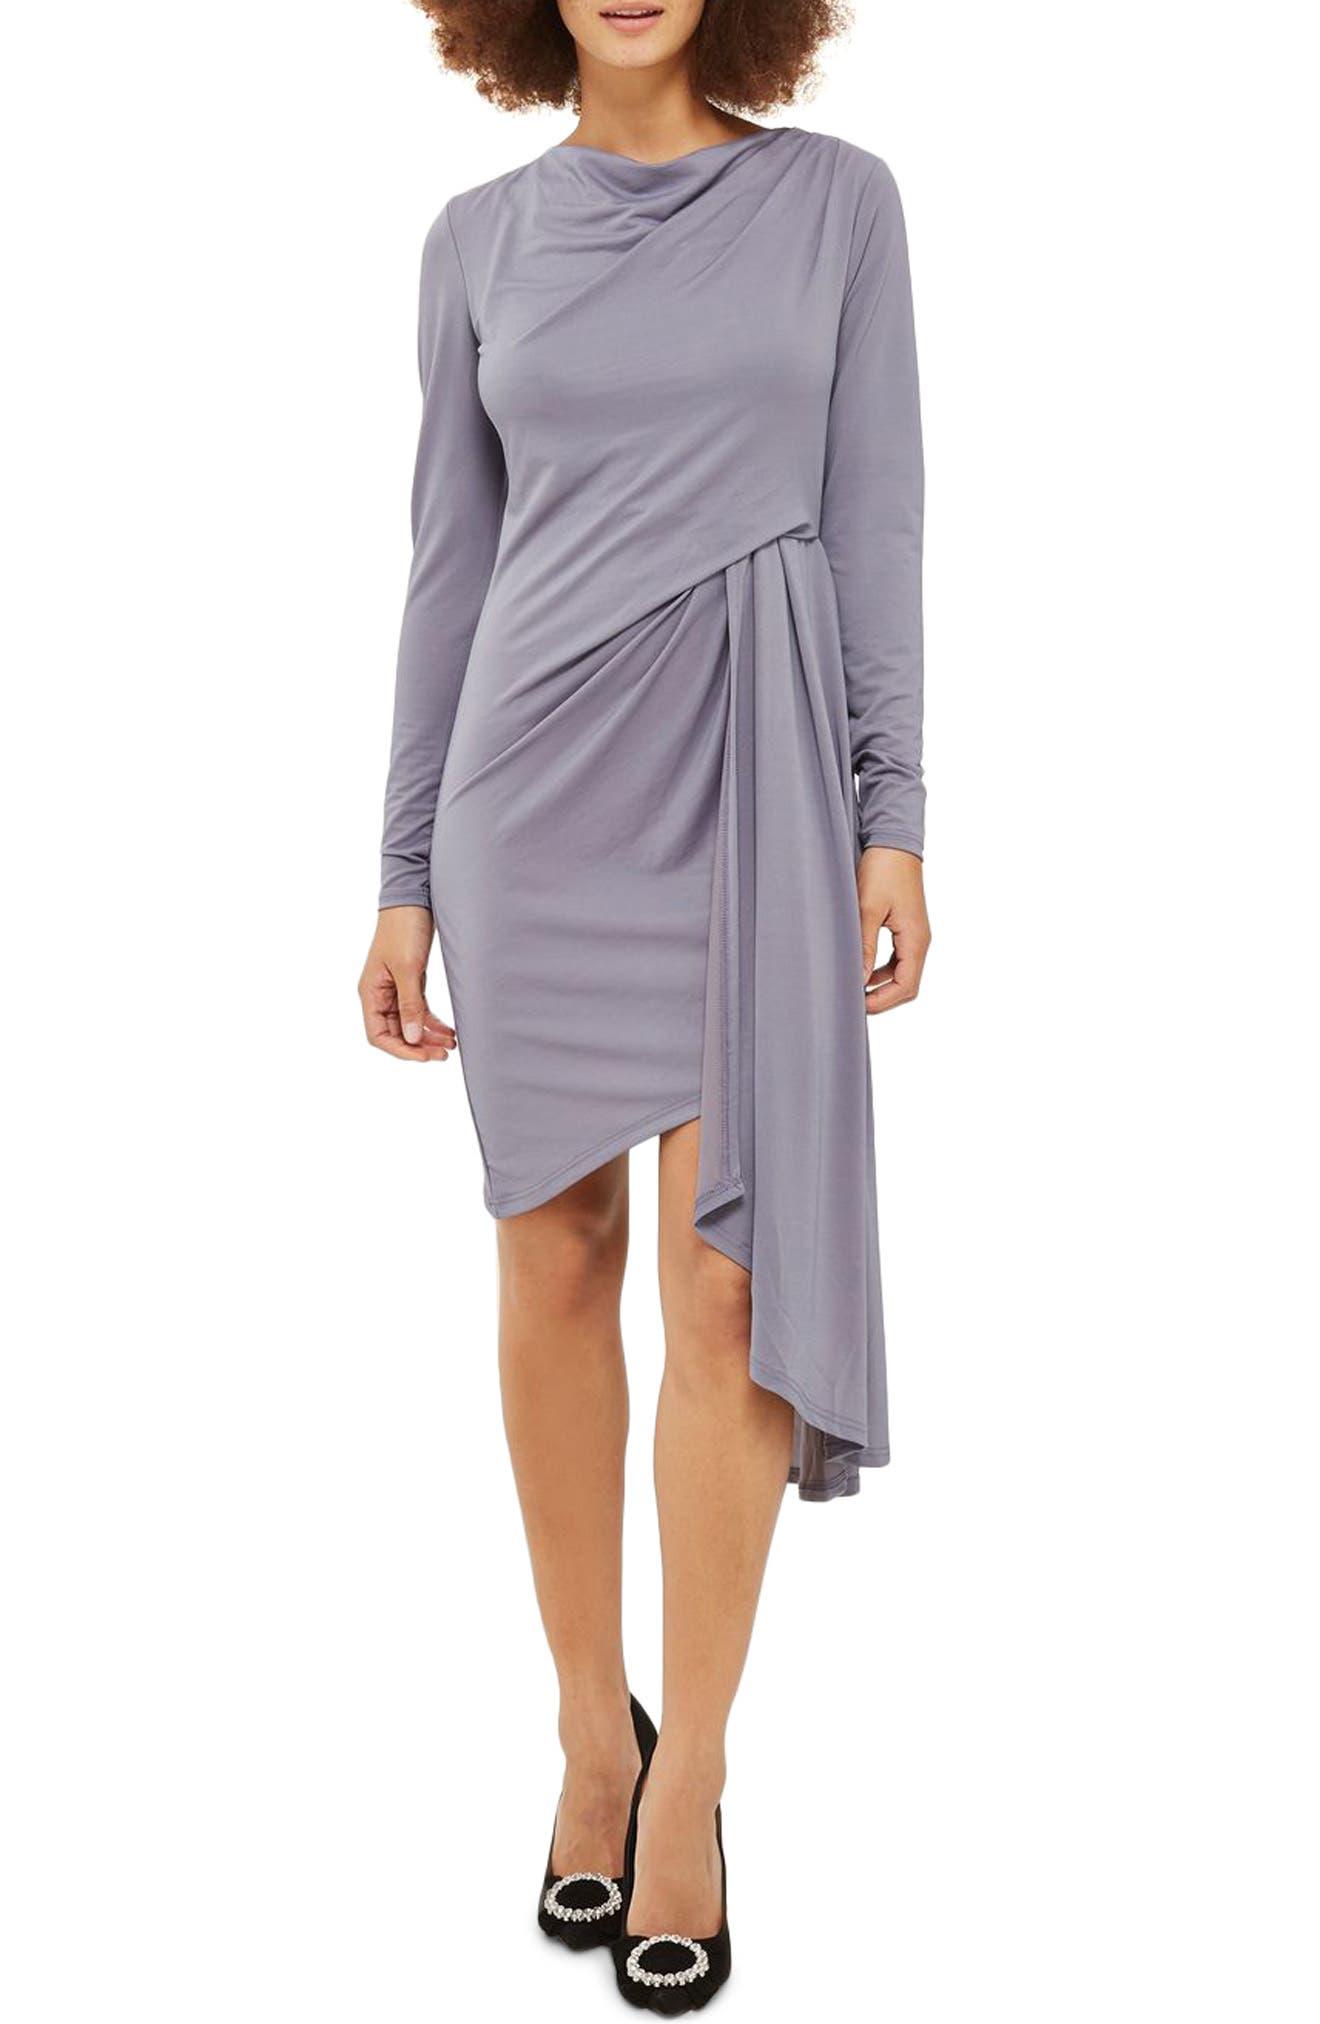 Topshop Asymmetrical Drape Crepe Dress